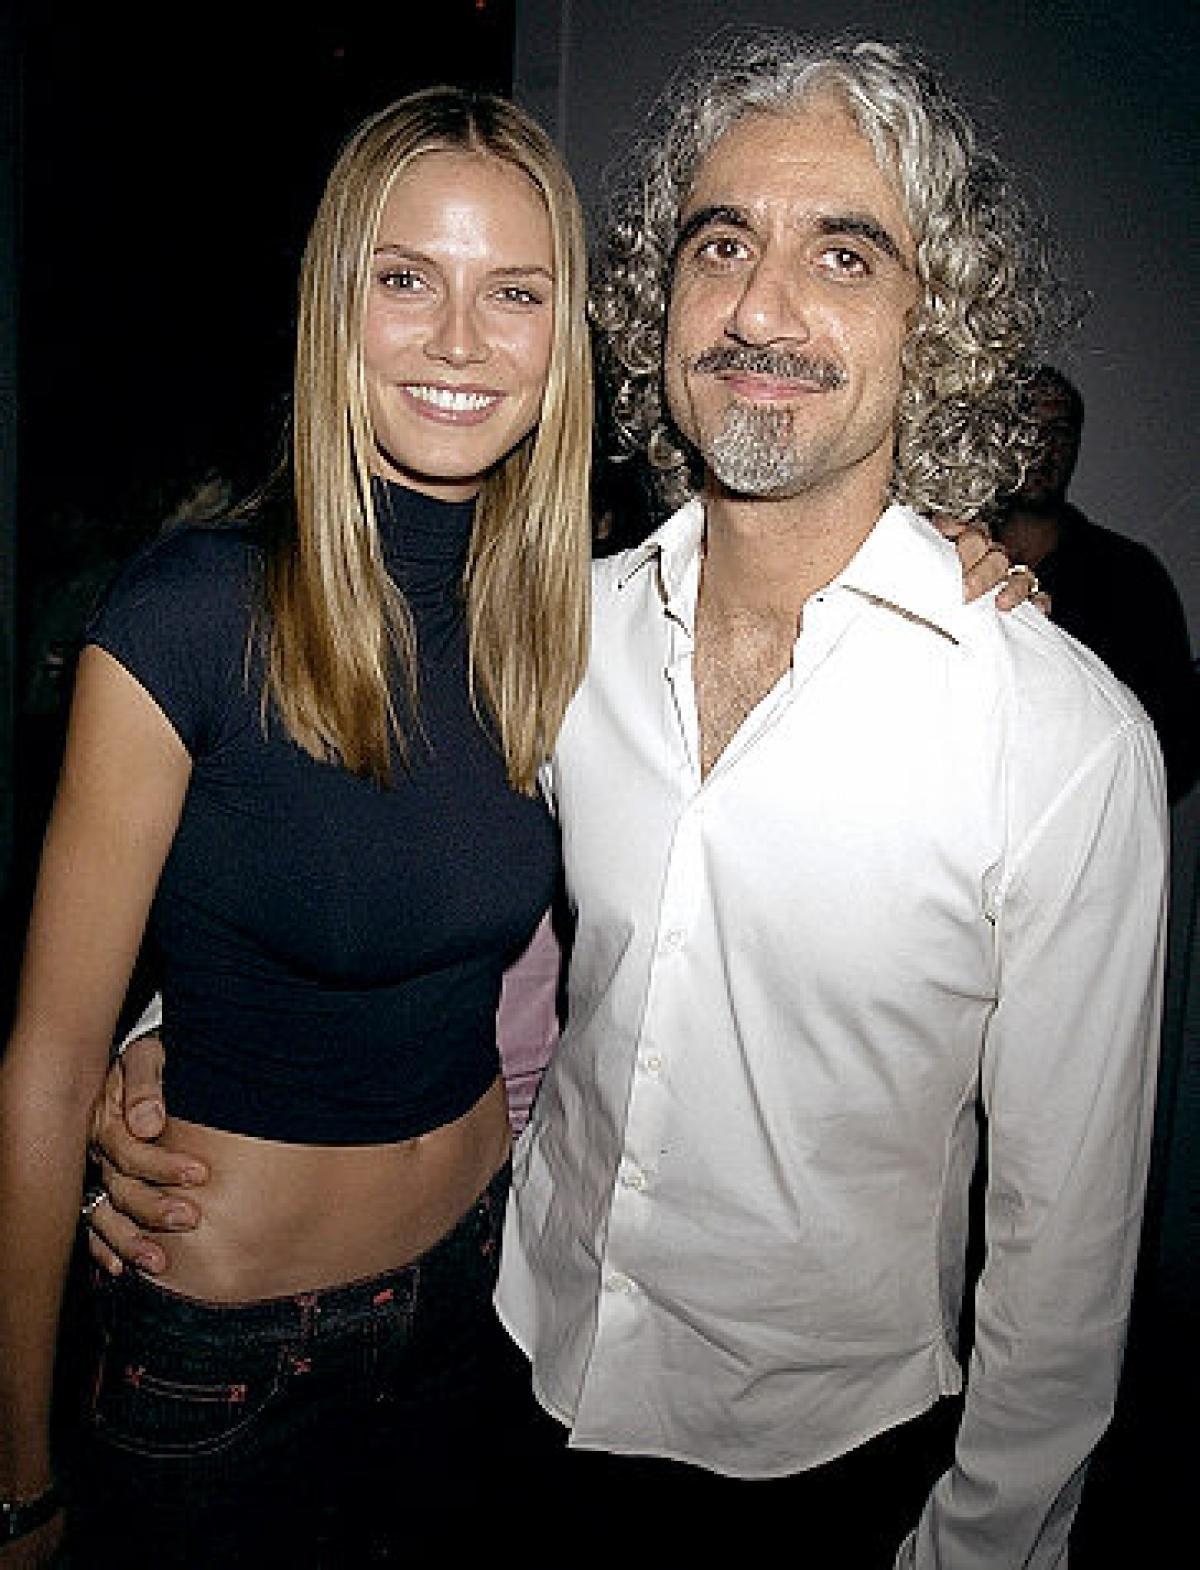 Ric Pipino is an ex-husband of Heidi Klum